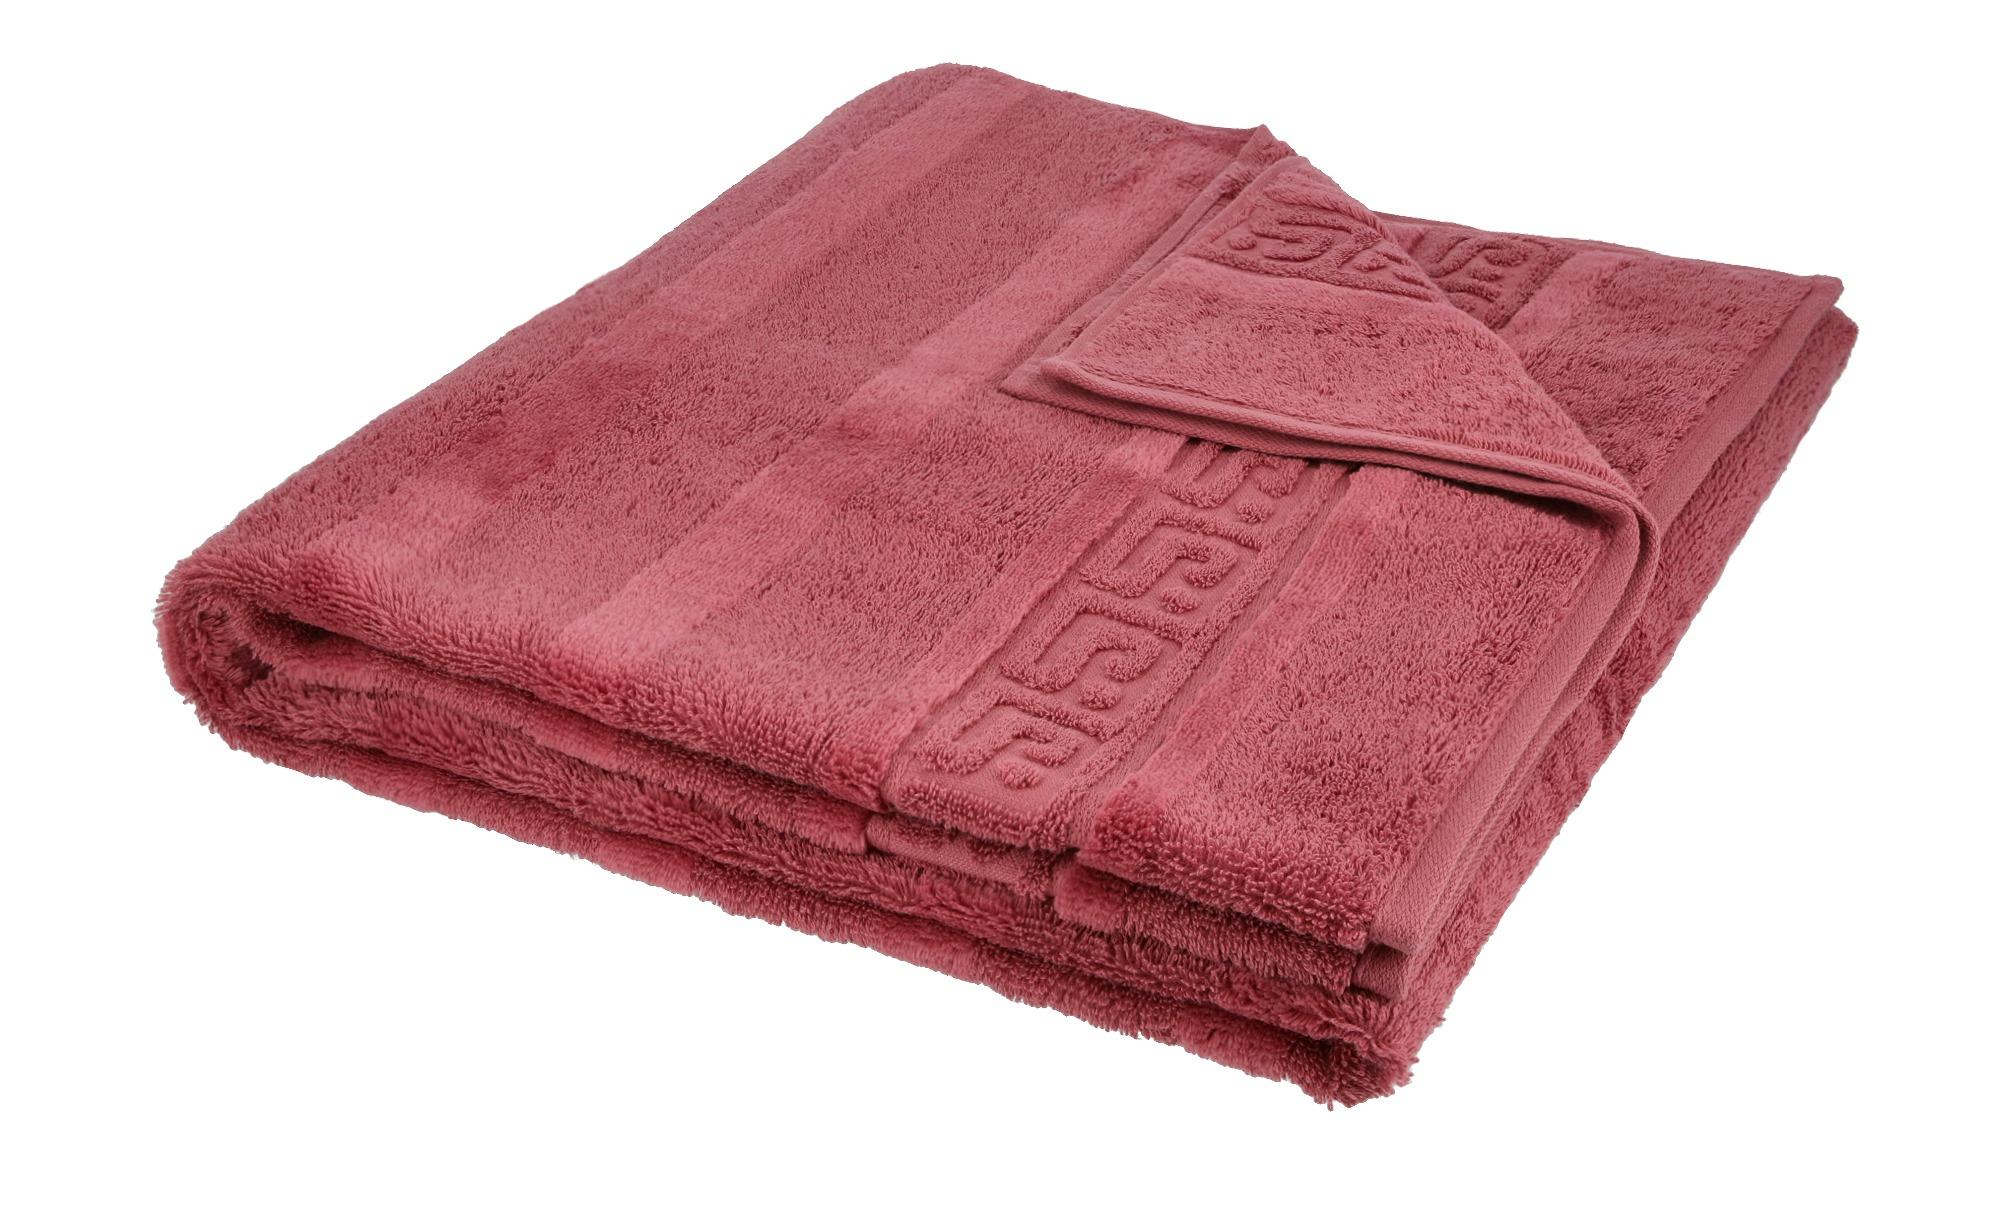 CaWö Duschuch  1001 ¦ rosa/pink ¦ 100% Baumwolle ¦ Maße (cm): B: 80 Badtextilien und Zubehör > Handtücher & Badetücher > Duschtücher - Höffner